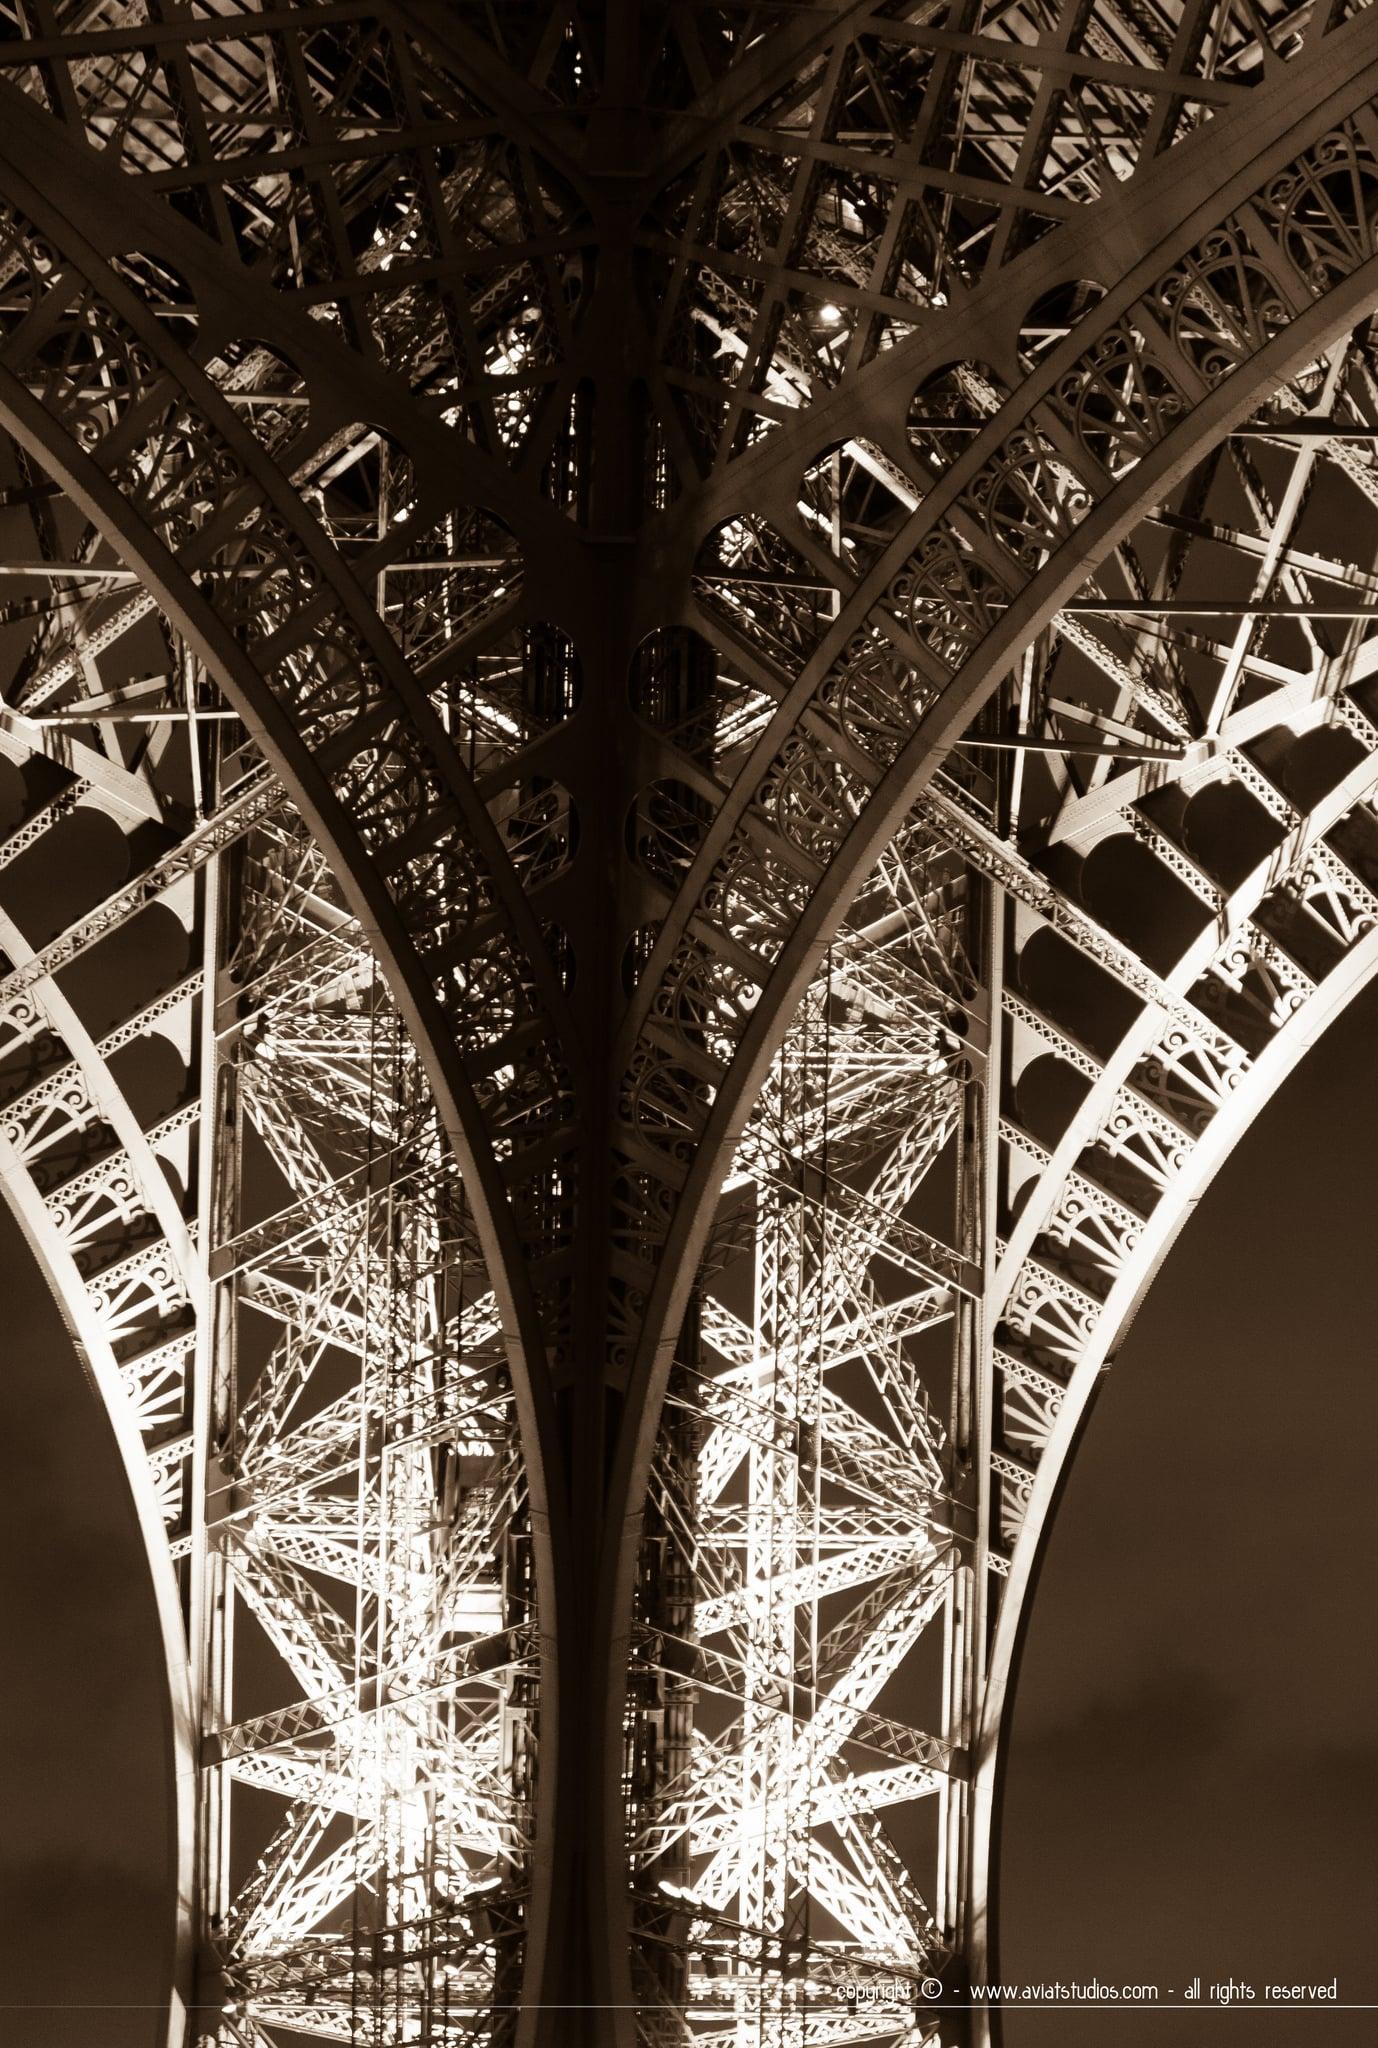 Un week-end à Paris - Tour Eiffel